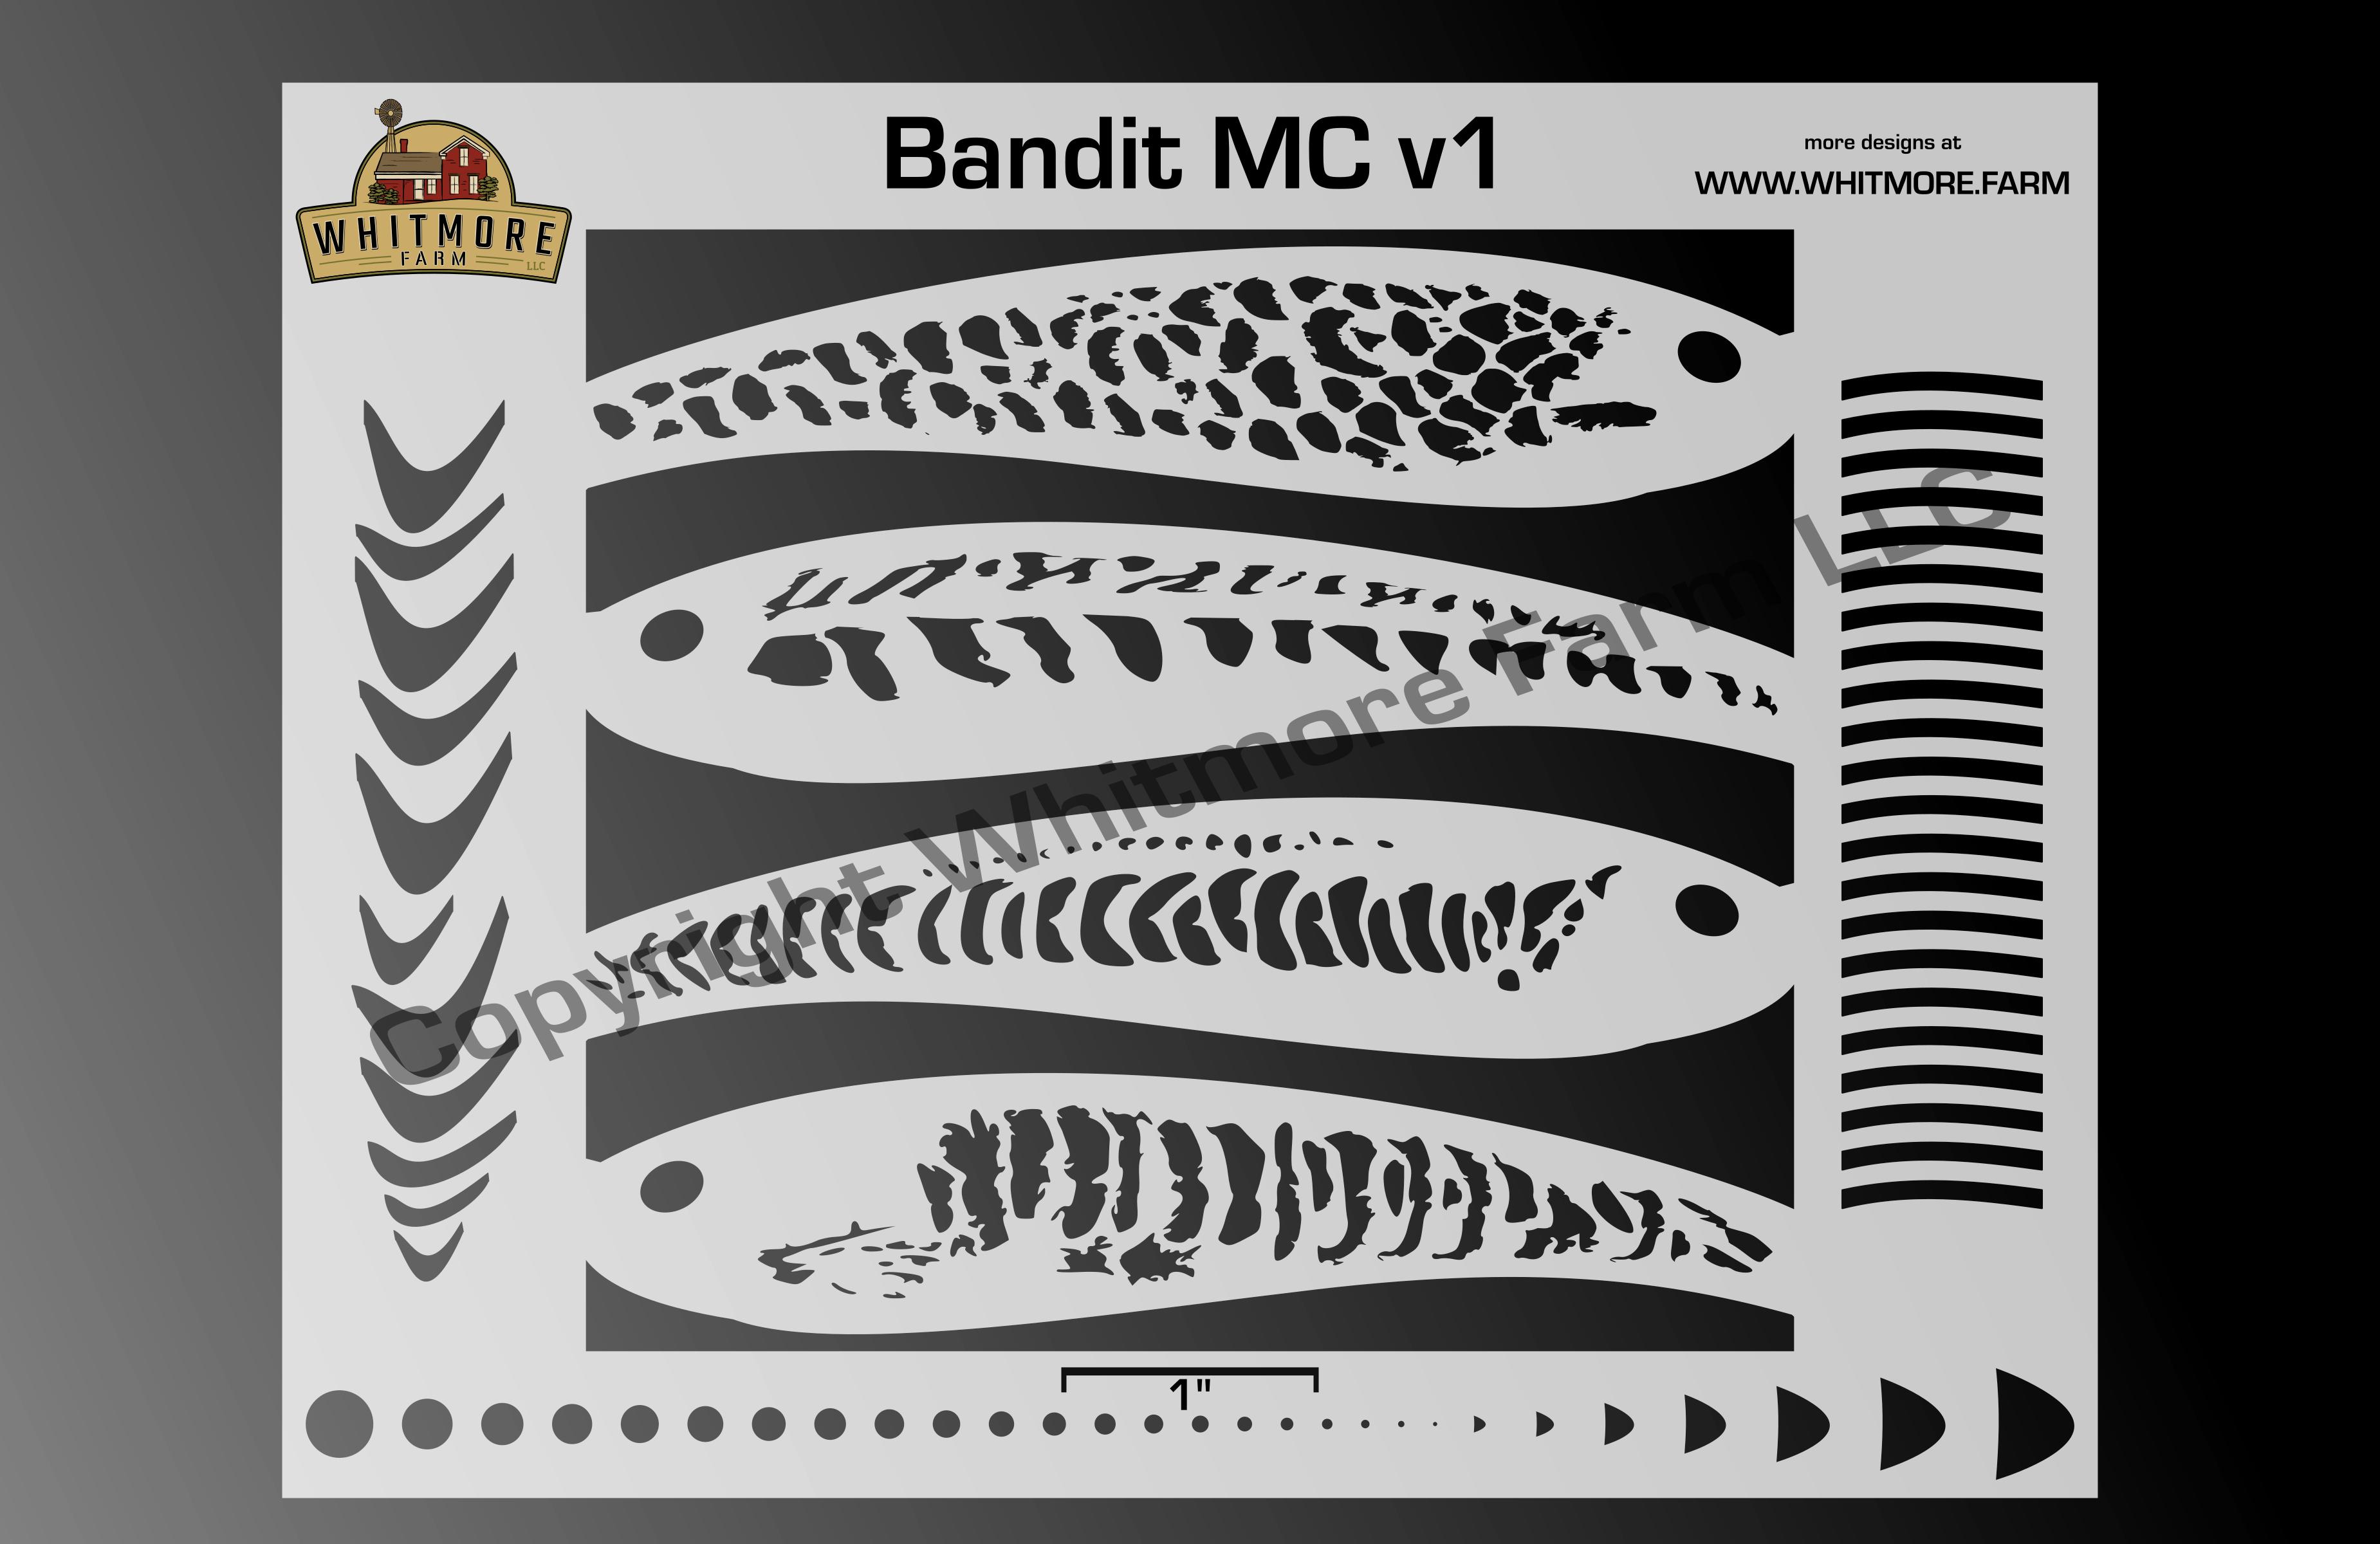 Bandit MC v1 fishing lure airbrush stencil